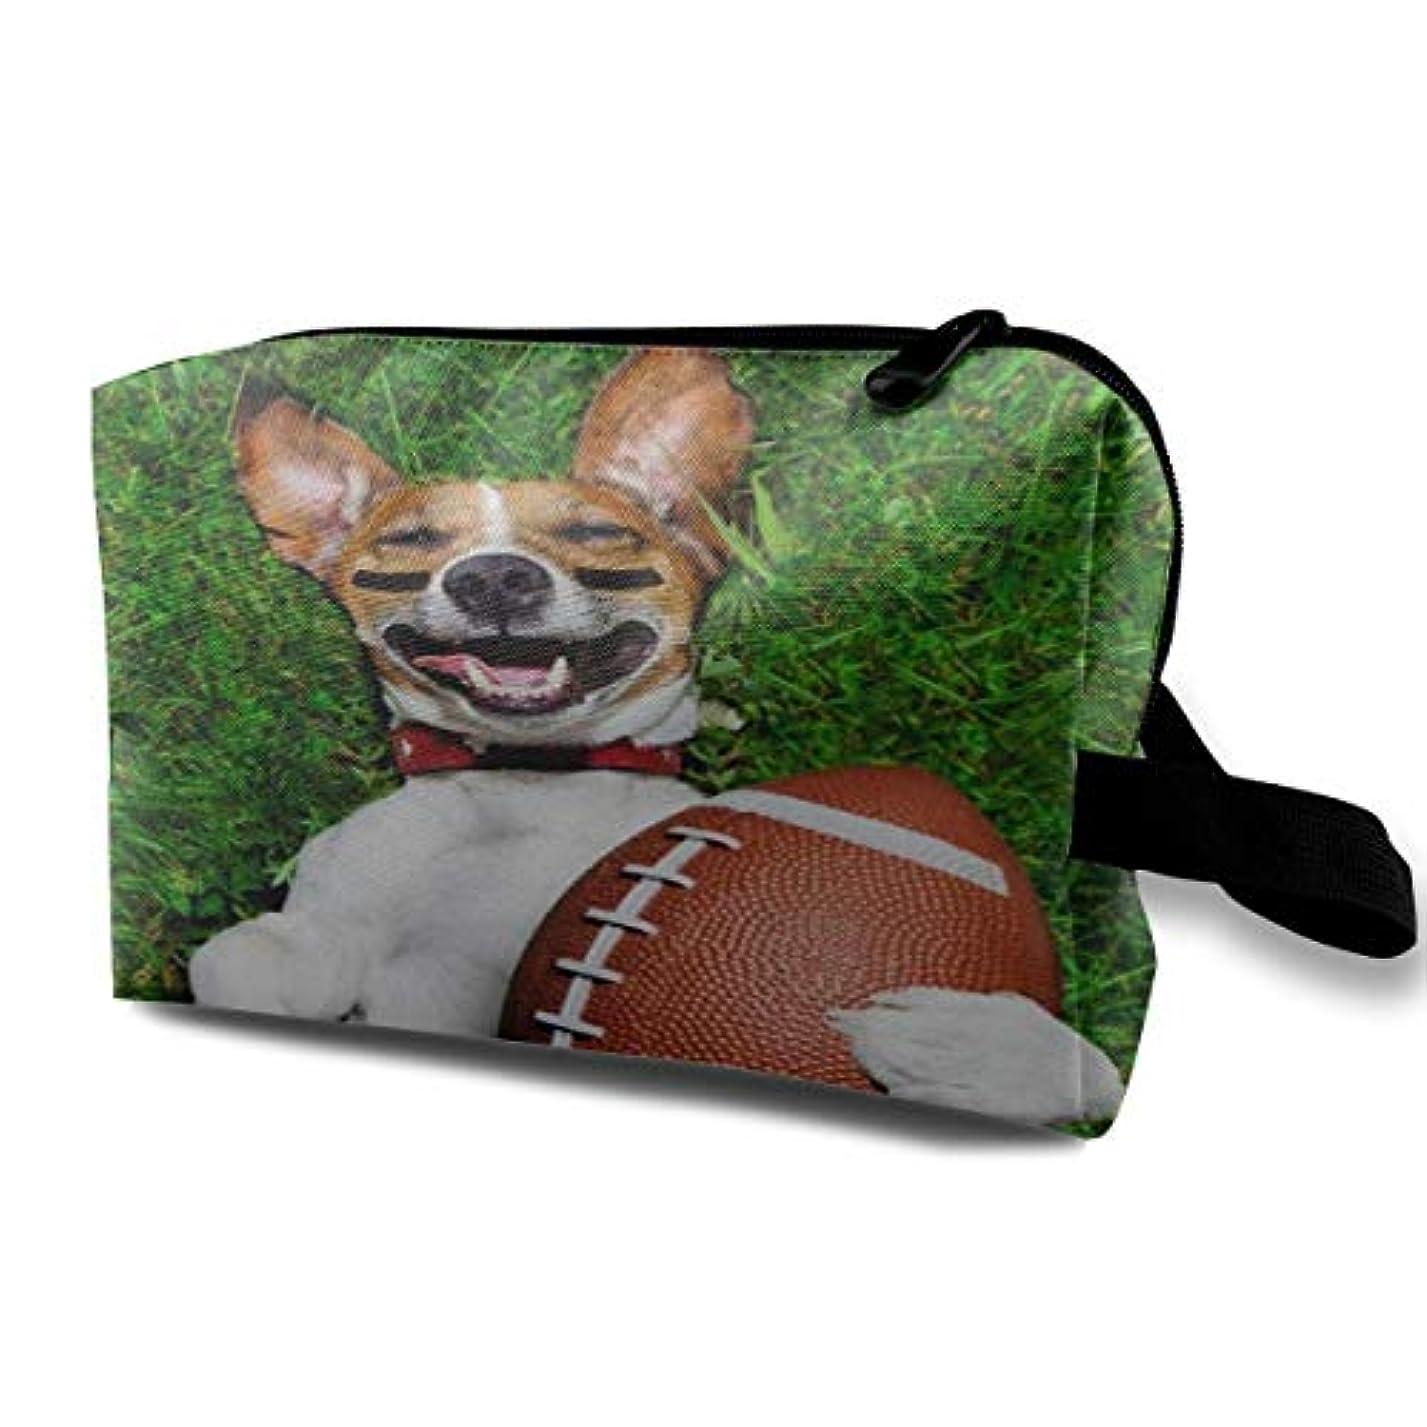 遮るカメ役に立たないAmerican Football Dog Pattern 収納ポーチ 化粧ポーチ 大容量 軽量 耐久性 ハンドル付持ち運び便利。入れ 自宅?出張?旅行?アウトドア撮影などに対応。メンズ レディース トラベルグッズ